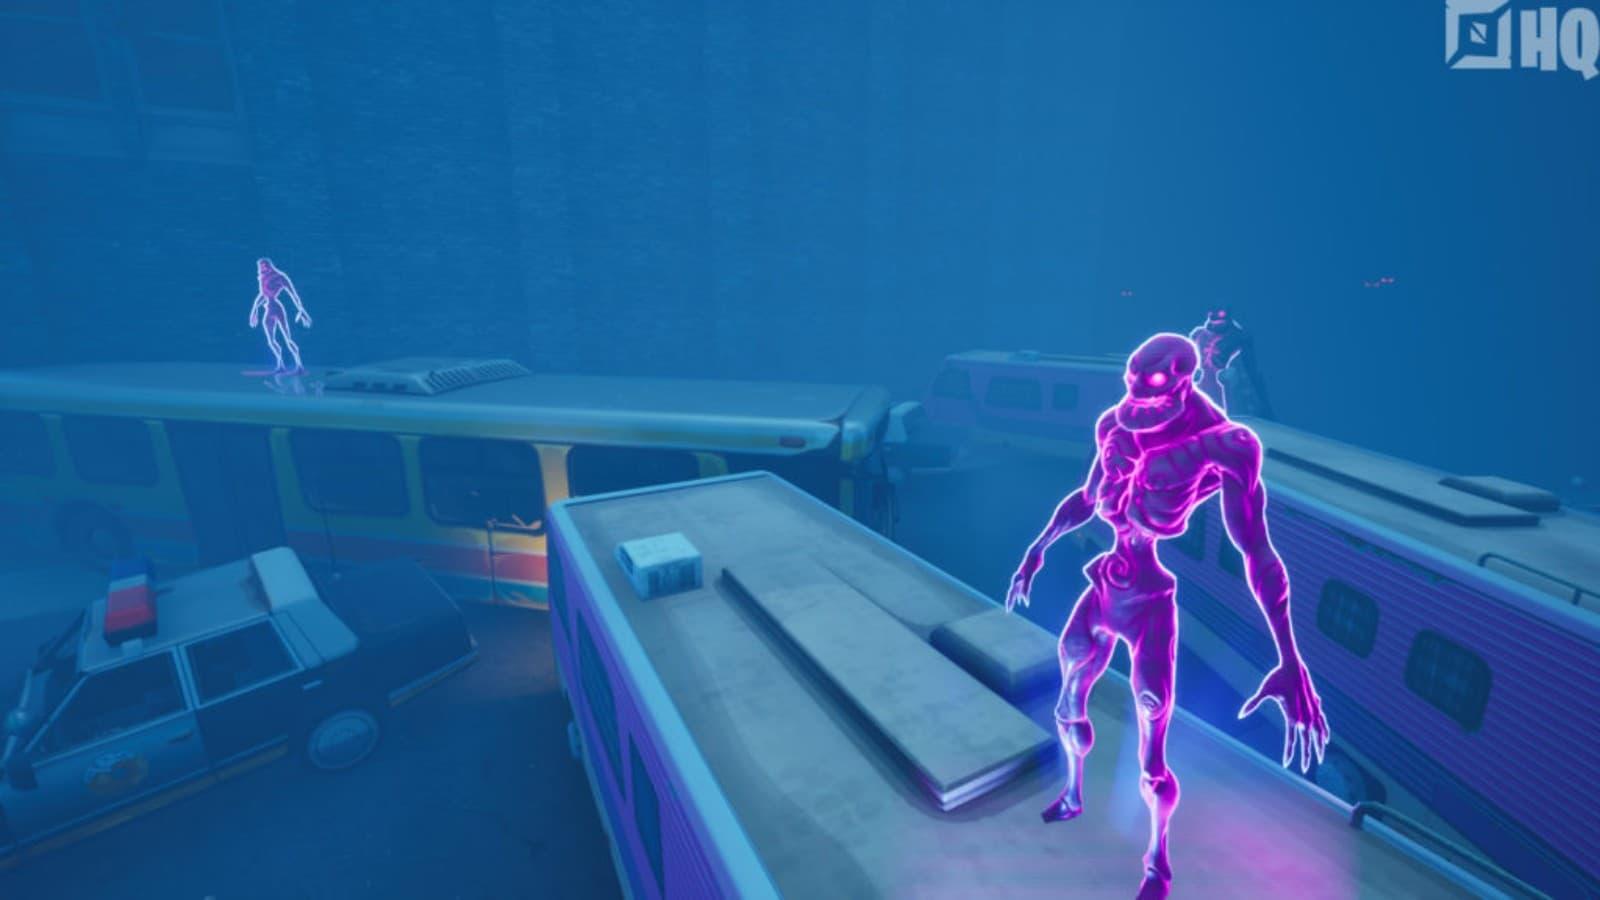 Fortnite Fiend Slayer: New Creative Map Code